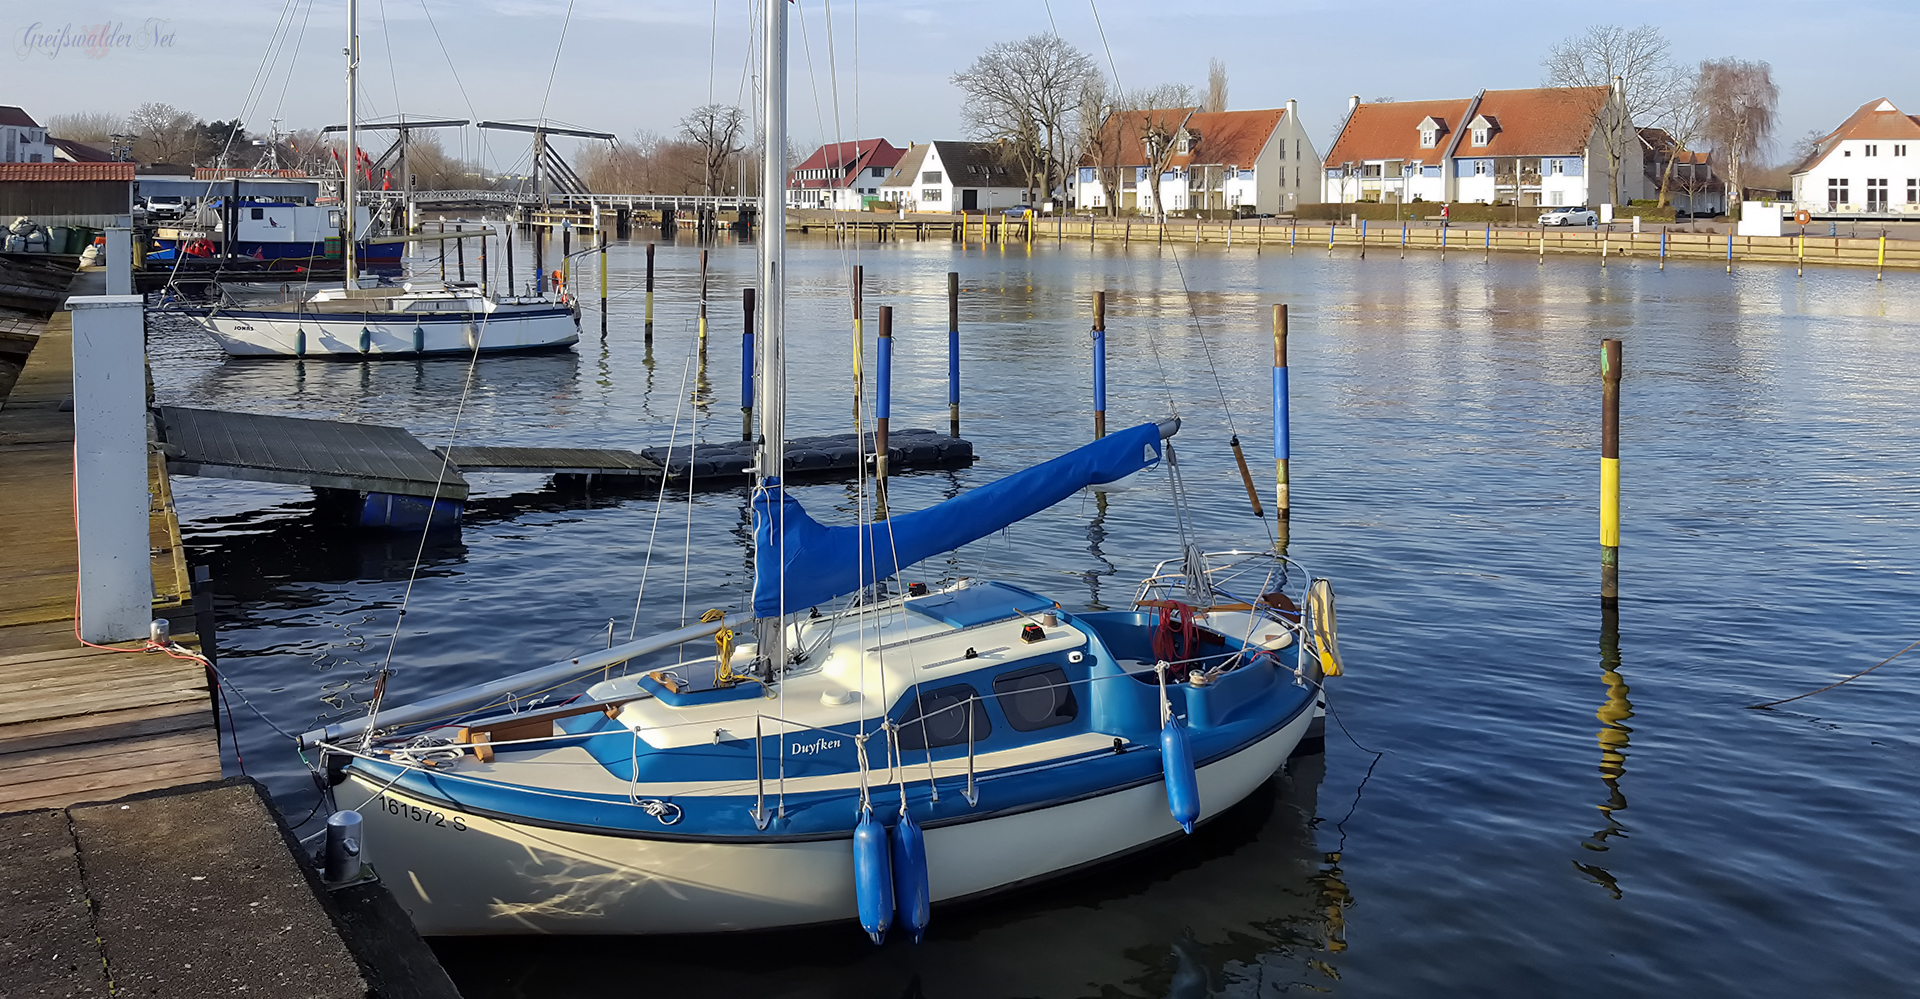 schönes Wetter in Greifswald-Wieck